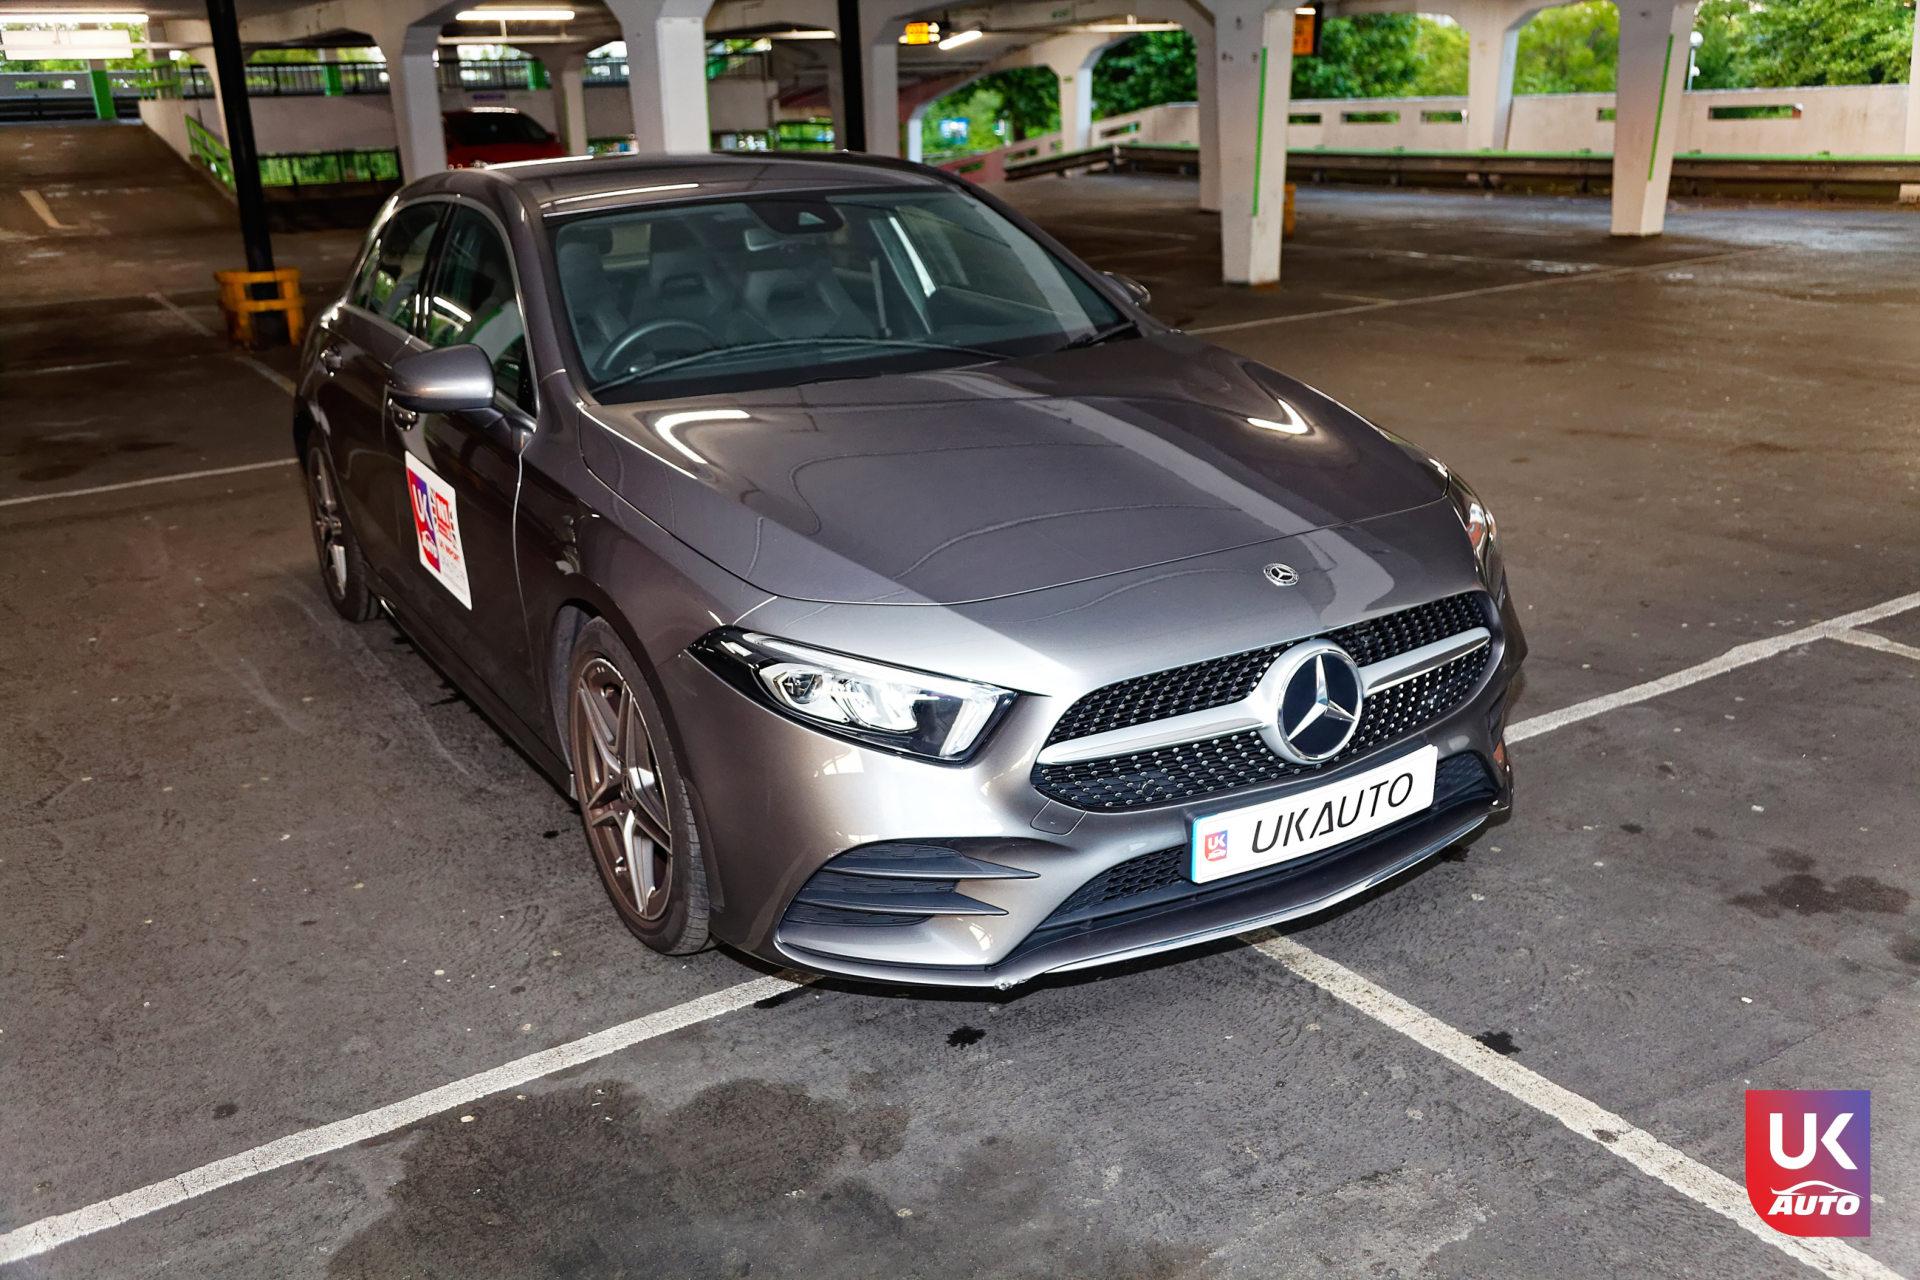 Mercedes uk mercedes angleterre mercedes a220 pack amg uk mercedes class a amg uk1 DxO - ACHAT ANGLETERRE MERCEDES C220 MERCEDES ANGLETERRE IMPORT UKAUTO.FR AUTOTRADER UK